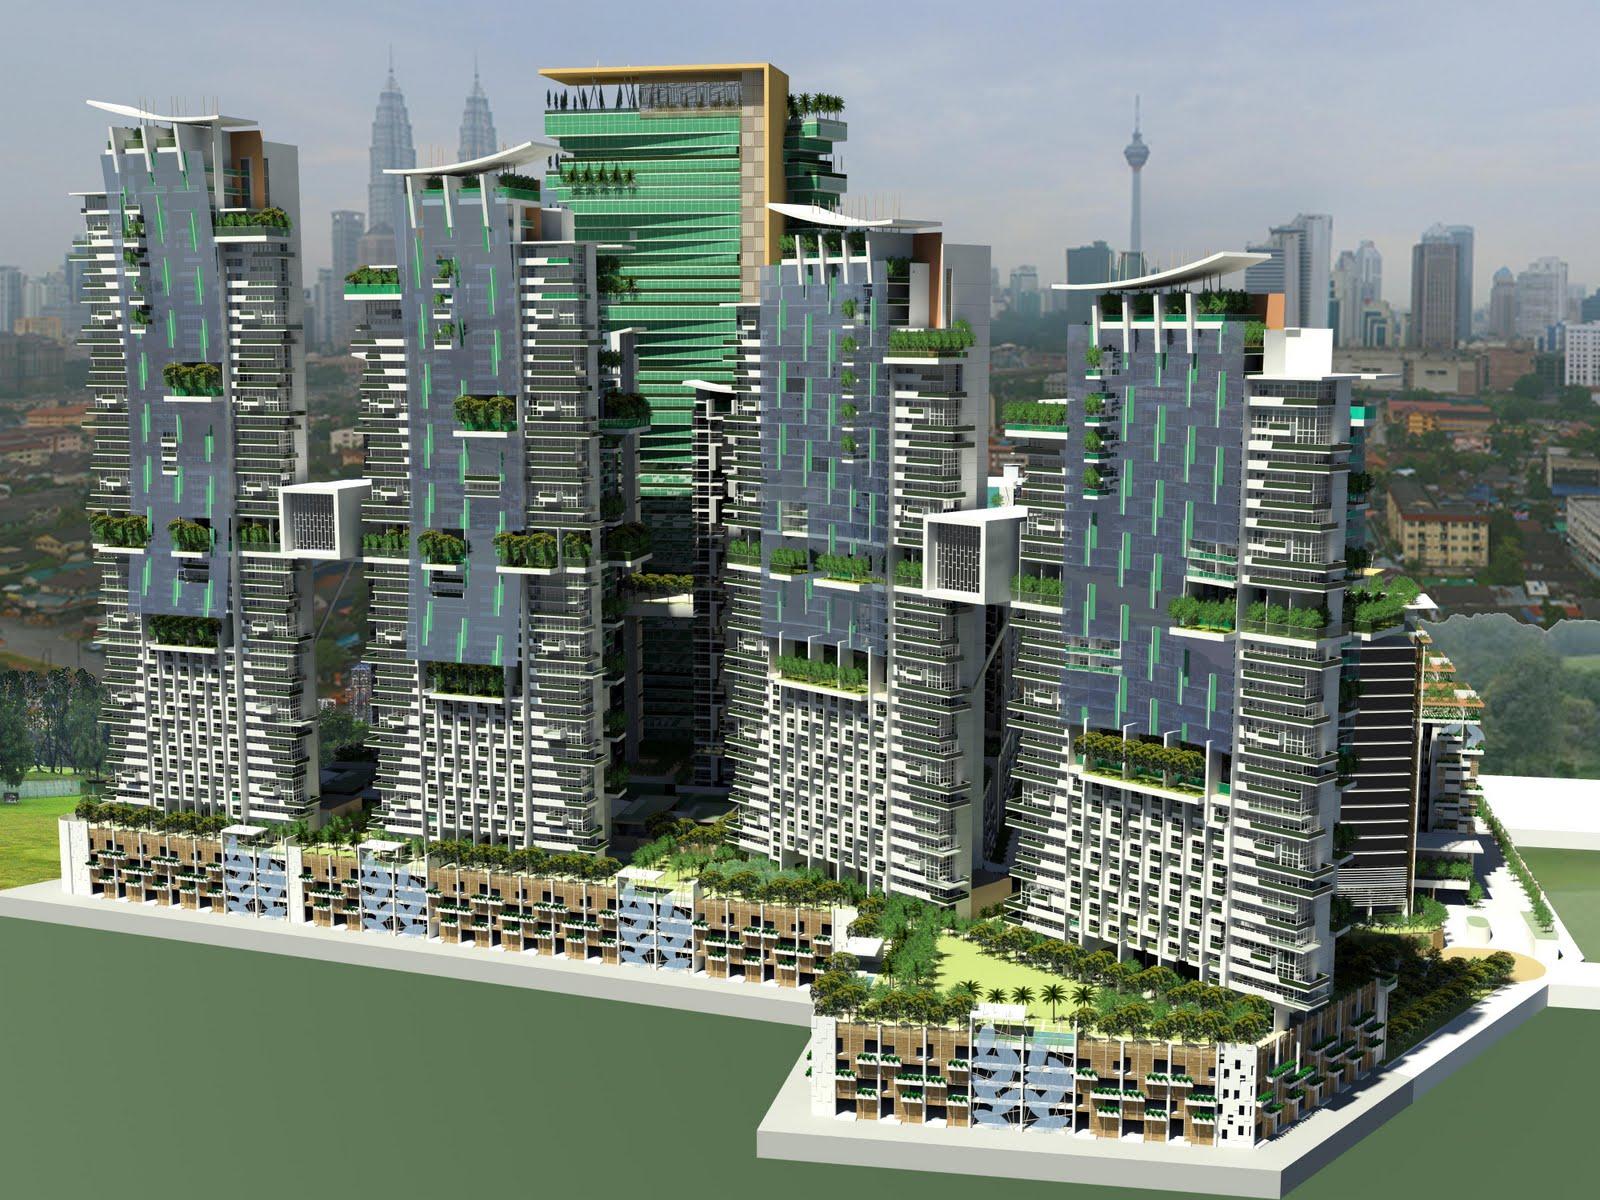 HighEnd Building Facade 1600 x 1200